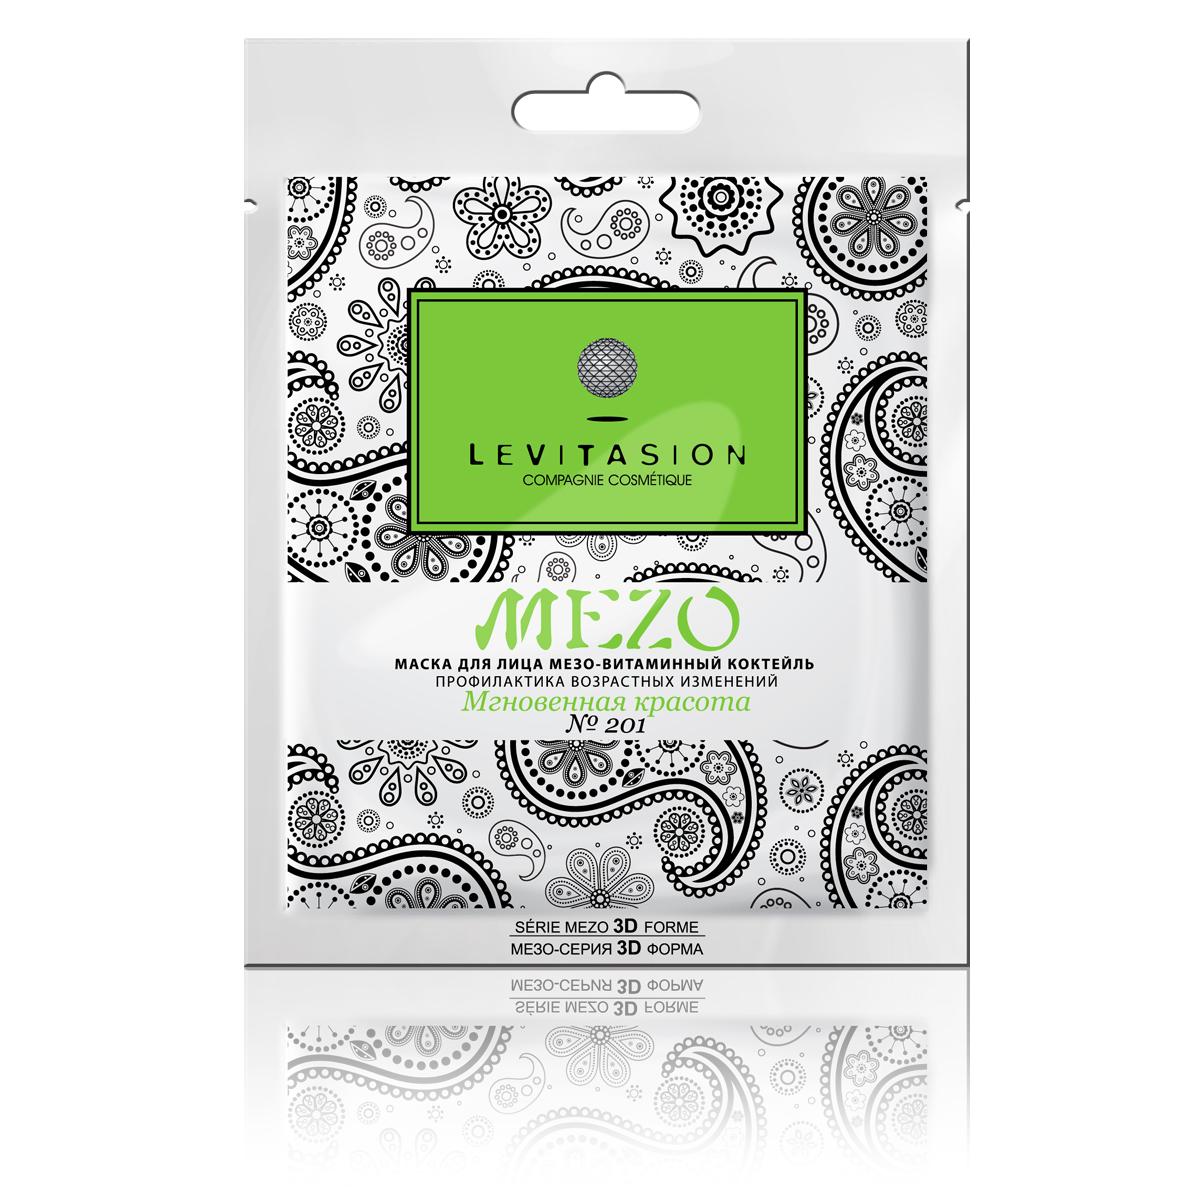 Levitasion Mezo № 201 Маска для лица Мгновенная красота, 38 мл201Супер новое 3D стрейч-лекало обеспечивает супер прилегаение к коже, а составы с мультиактивными ингредиентами обеспечивают увлажняющий, питательный, омолаживающий эффекты!